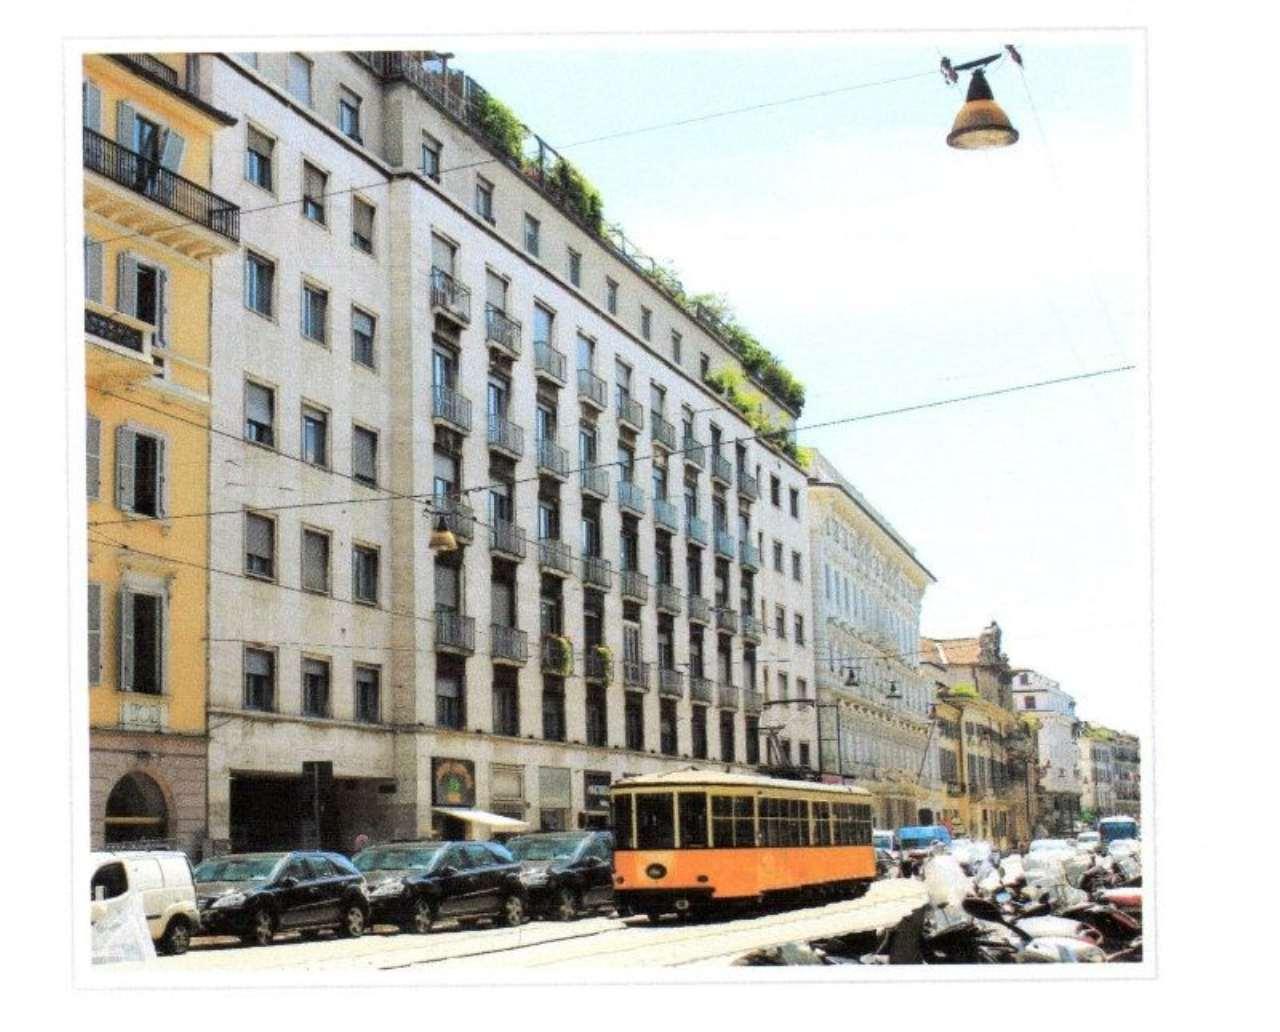 Ufficio / Studio in affitto a Milano, 10 locali, zona Zona: 1 . Centro Storico, Duomo, Brera, Cadorna, Cattolica, prezzo € 6.250 | CambioCasa.it